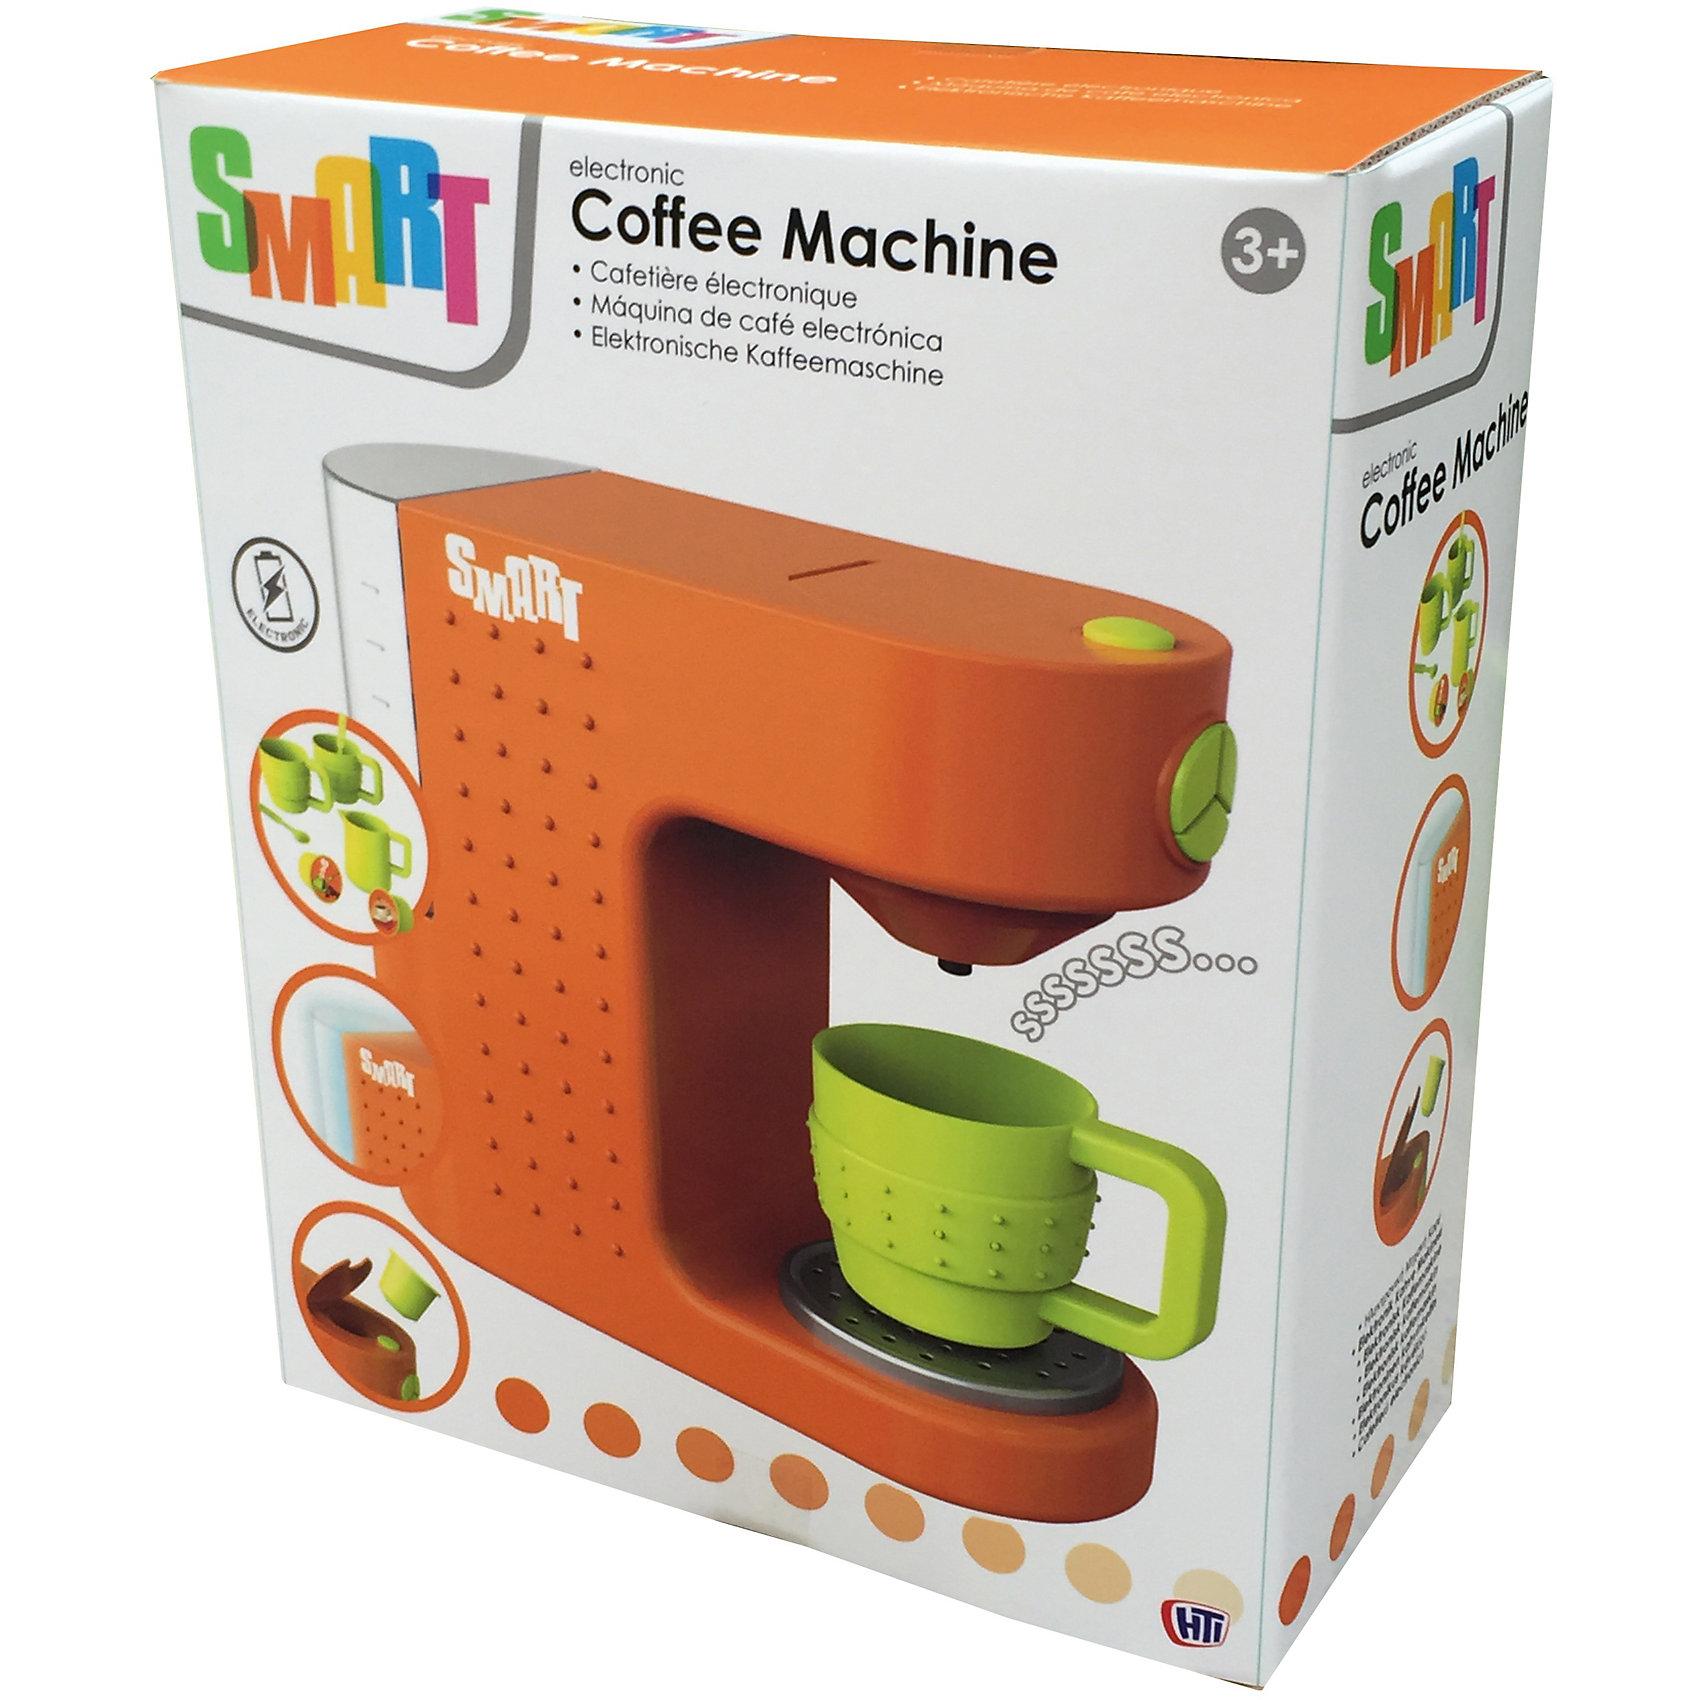 Капсульная кофемашина Smart, HTIИгрушечная бытовая техника<br>Капсульная кофемашина Smart, HT.<br><br>Характеристика: <br><br>• Материал: пластик. <br>• Размер: 20х10х25 см. <br>• Комплектация: кофемашина, 2 чашечки, молочник и 2 ложечки.<br>• Яркий привлекательный дизайн. <br>• Элемент питания: 3 ААА батарейки (не входят в комплект). <br>• Световые и звуковые эффекты. <br><br>Яркая капсульная кофемашина приведет в восторг вашу маленькую хозяйку! Машина работает по принципу настоящей, взрослой кофемашины: нужно поместить капсулу в специальное отверстие и нажать кнопу. Послышится звук льющейся воды и стаканчик замигает голубым светом. Игрушка выполнена из высококачественных гипоаллергенных материалов, в производстве которых использованы только нетоксичные безопасные красители. <br><br>Капсульную кофемашину Smart, HT, можно купить в нашем интернет-магазине.<br><br>Ширина мм: 255<br>Глубина мм: 205<br>Высота мм: 98<br>Вес г: 590<br>Возраст от месяцев: 36<br>Возраст до месяцев: 168<br>Пол: Женский<br>Возраст: Детский<br>SKU: 5366516